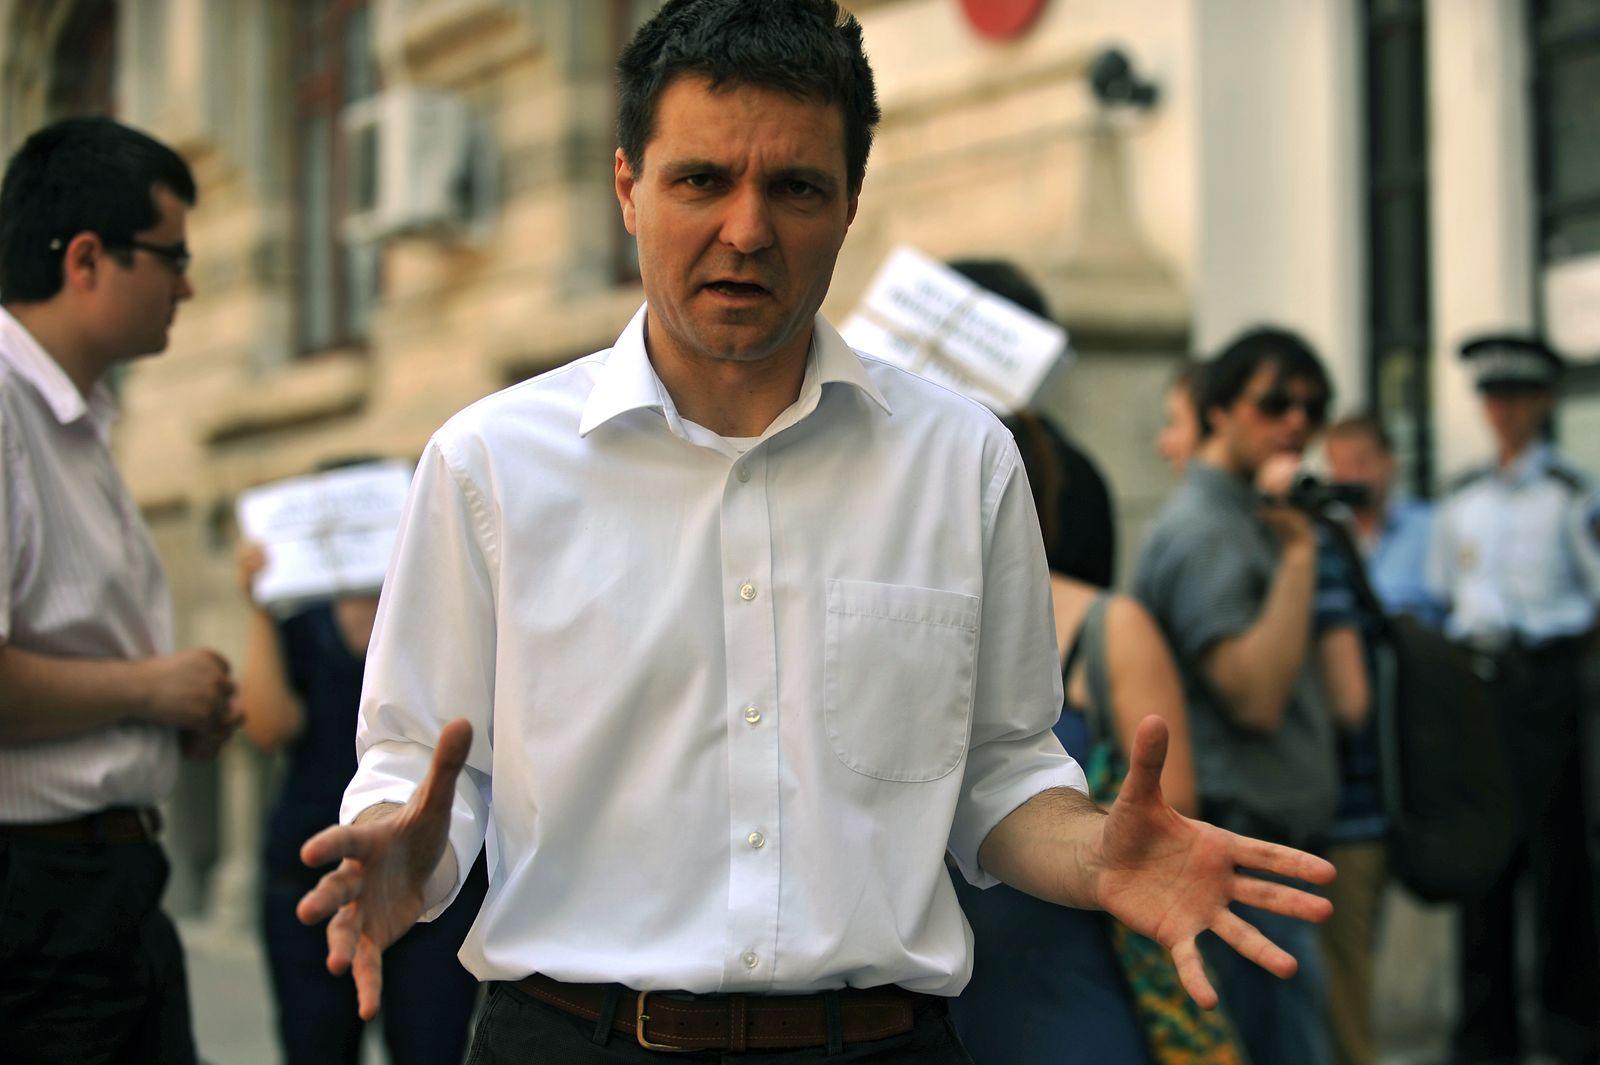 Nicușor Dan, matematician care vrea să facă istorie. FOTO: Răzvan Lupică/Mediafax.